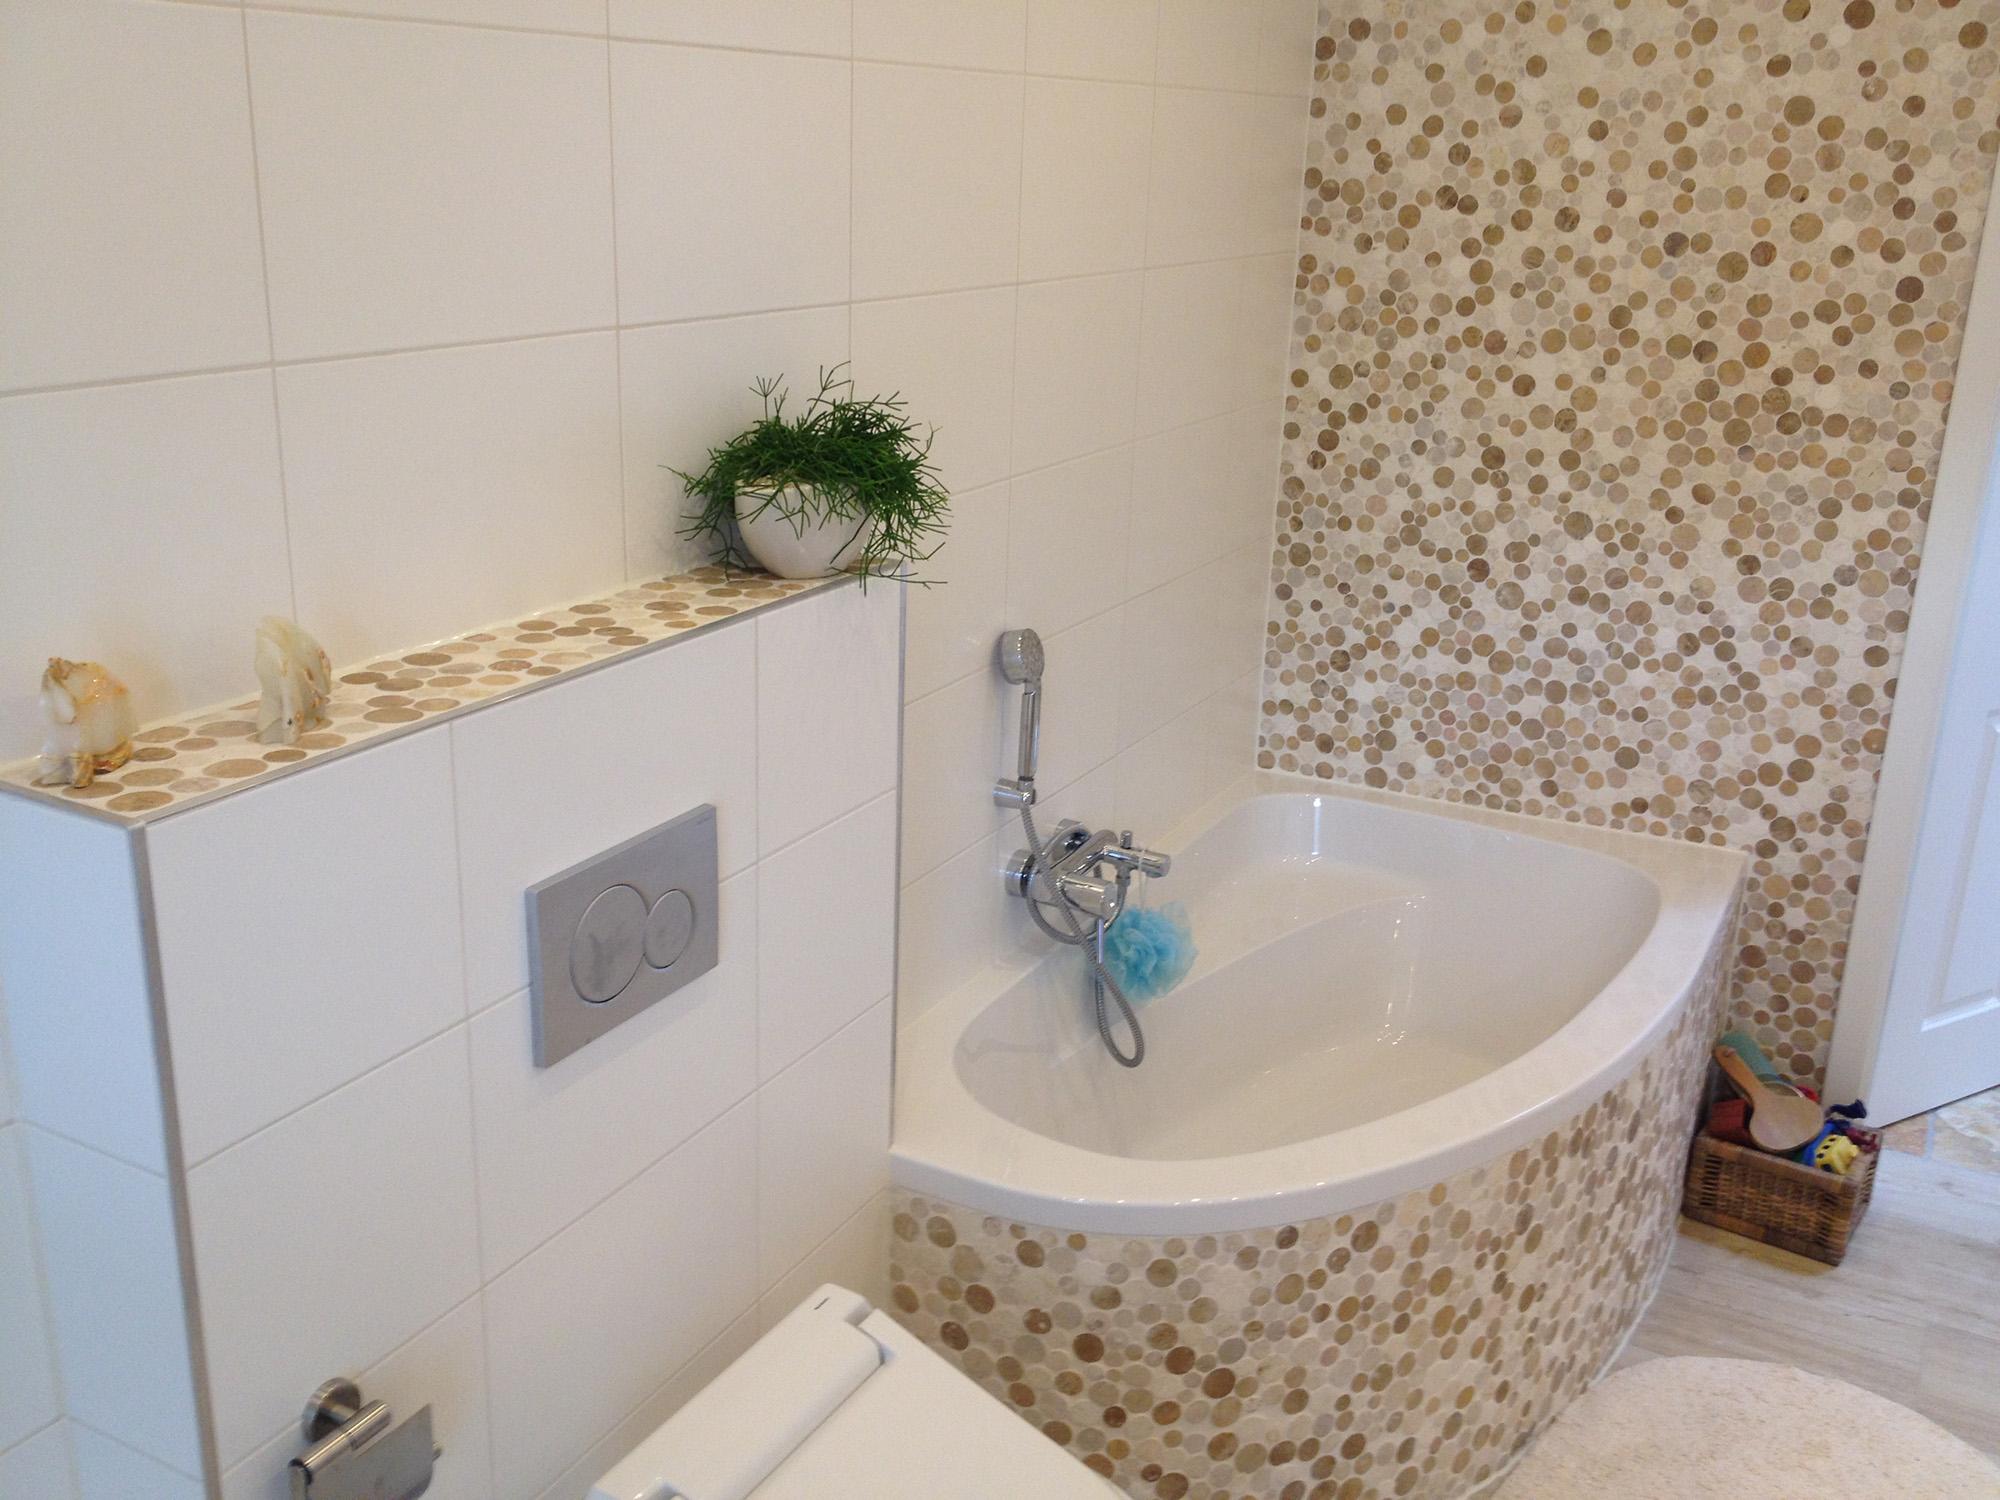 Круглая мозаика в ванной комнате